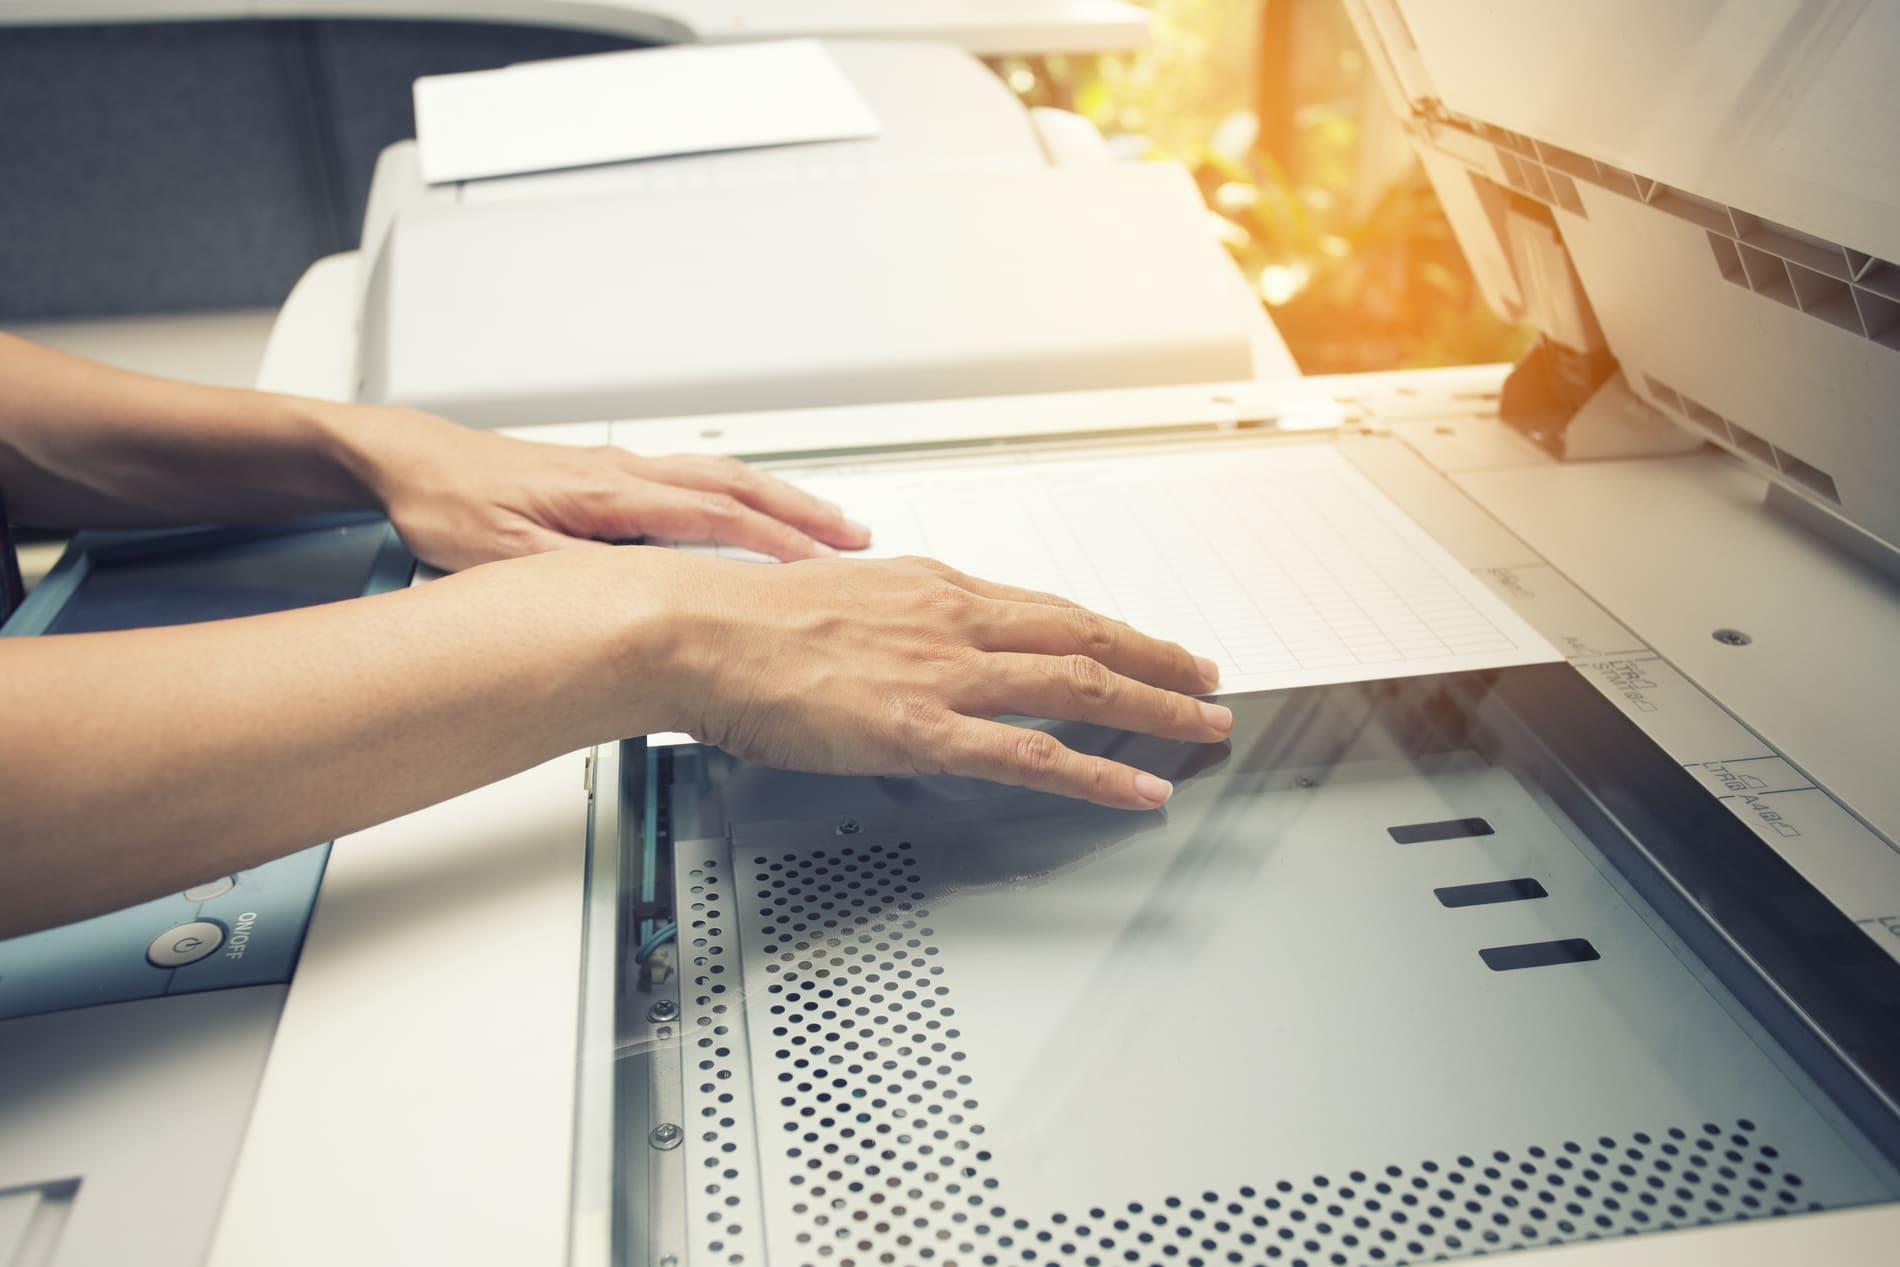 Impresora. Su Evolución Tecnológica